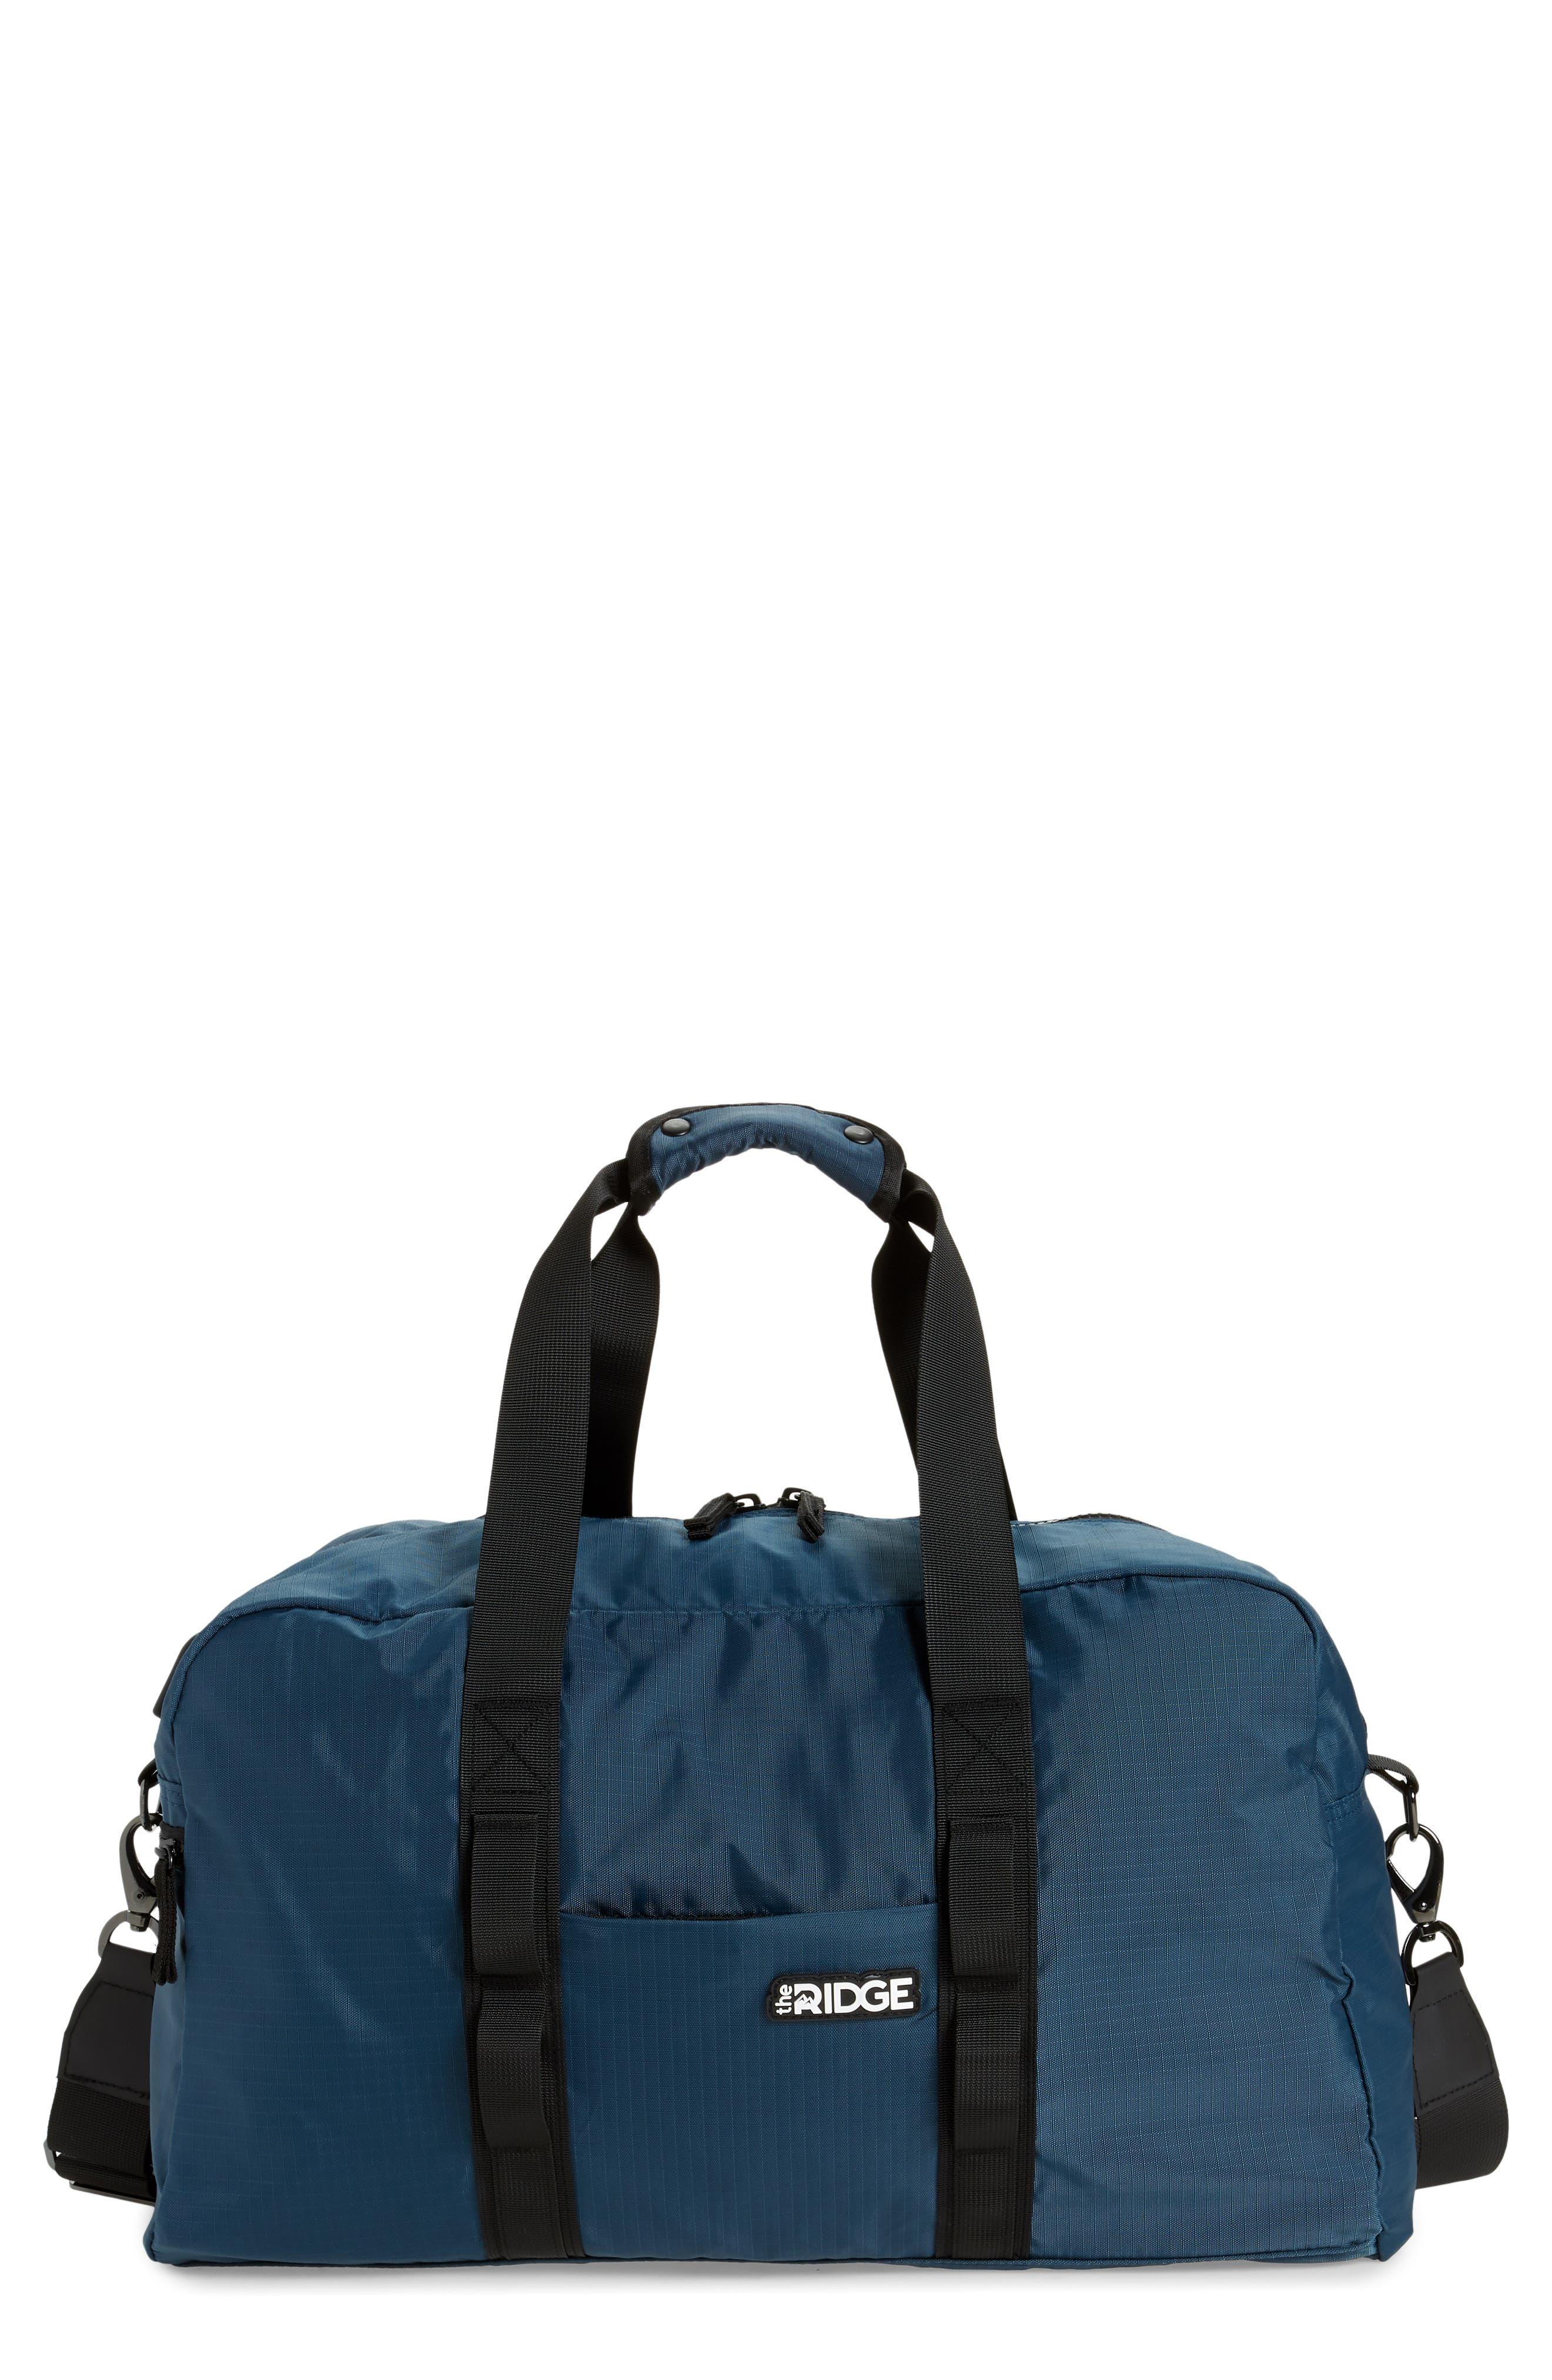 Ripstop Duffle Bag